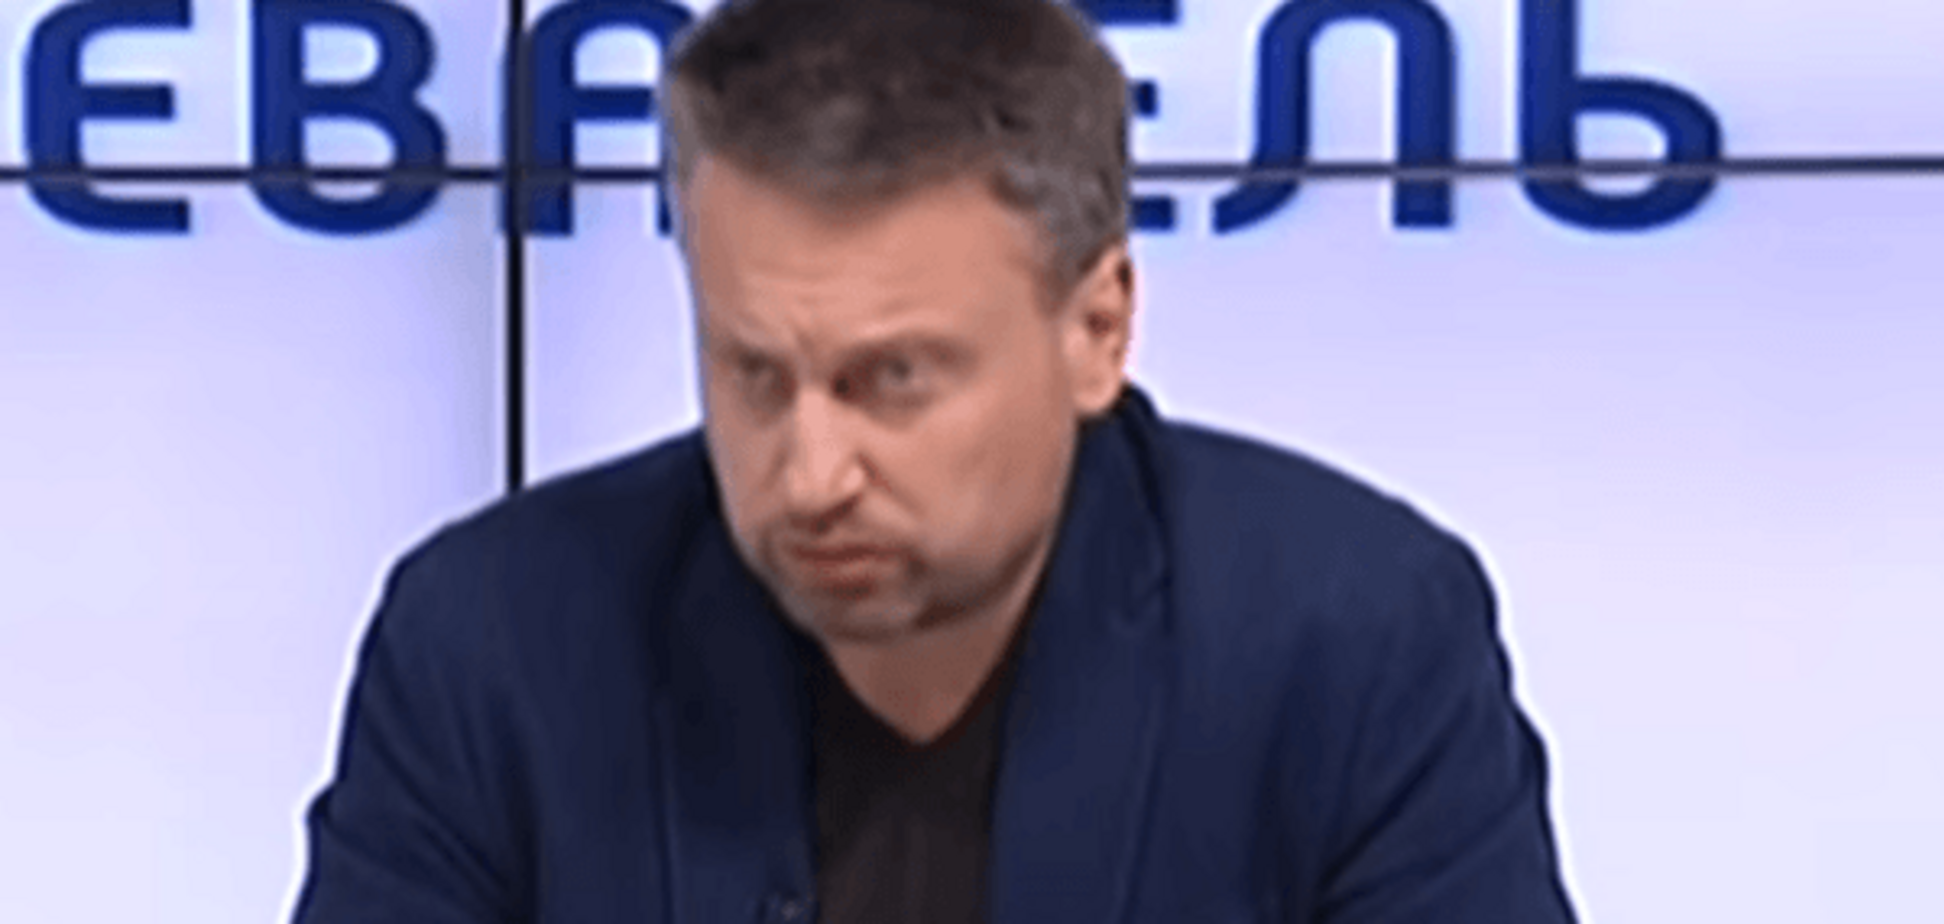 Даже если Украина будет покупать газ по $100, тарифы Кабмин не снизит — эксперт